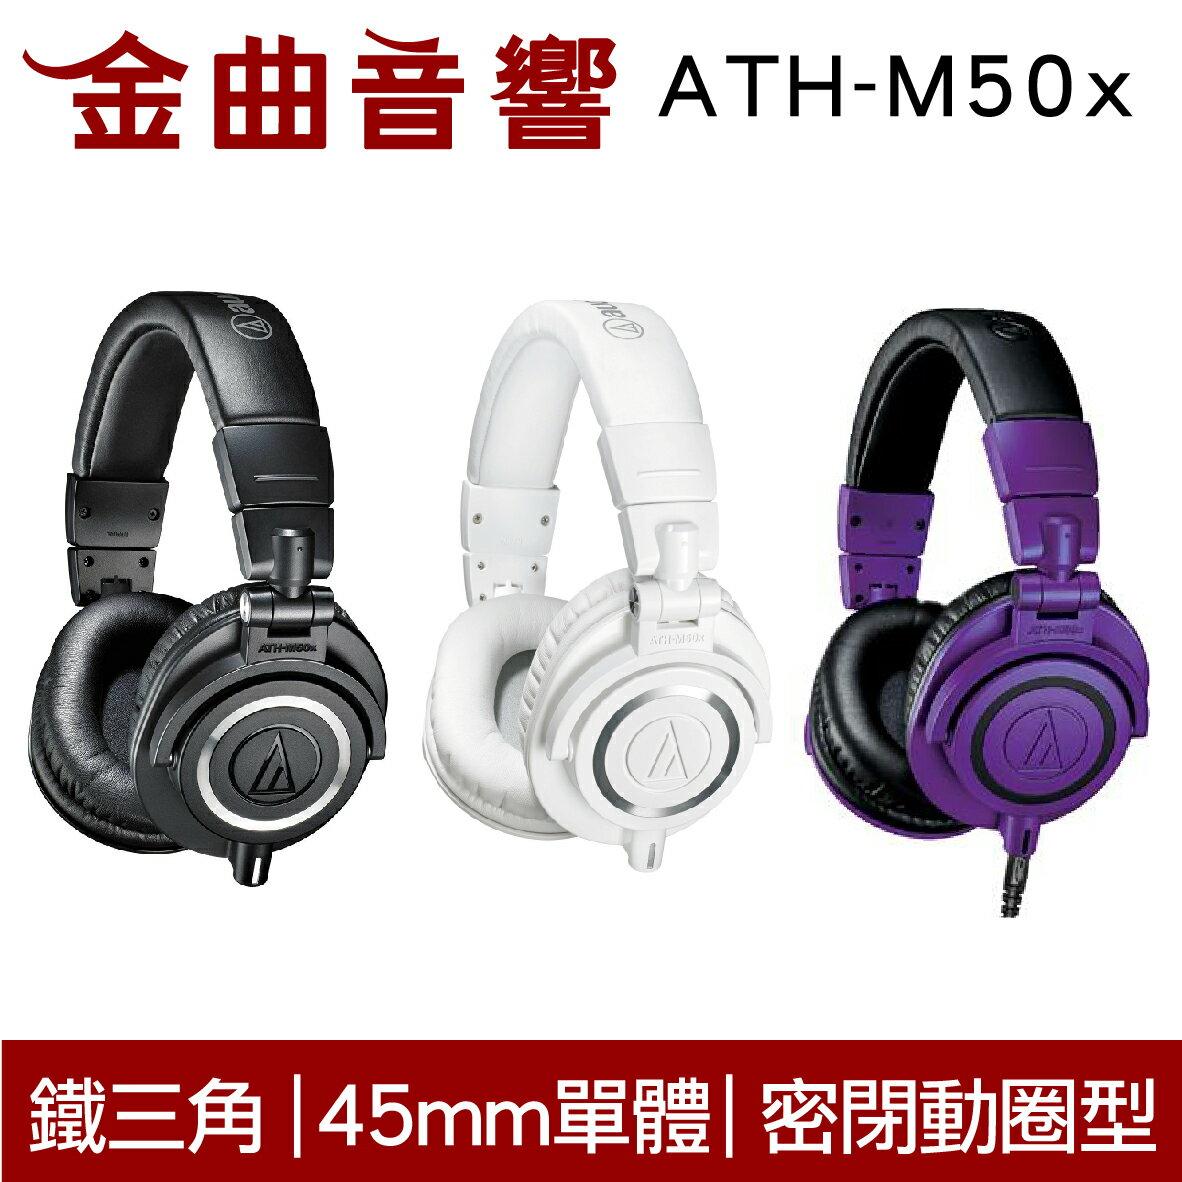 鐵三角 ATH-M50x 黑色 高音質 錄音室用 專業 監聽 耳罩式 耳機 此款無藍芽   金曲音響